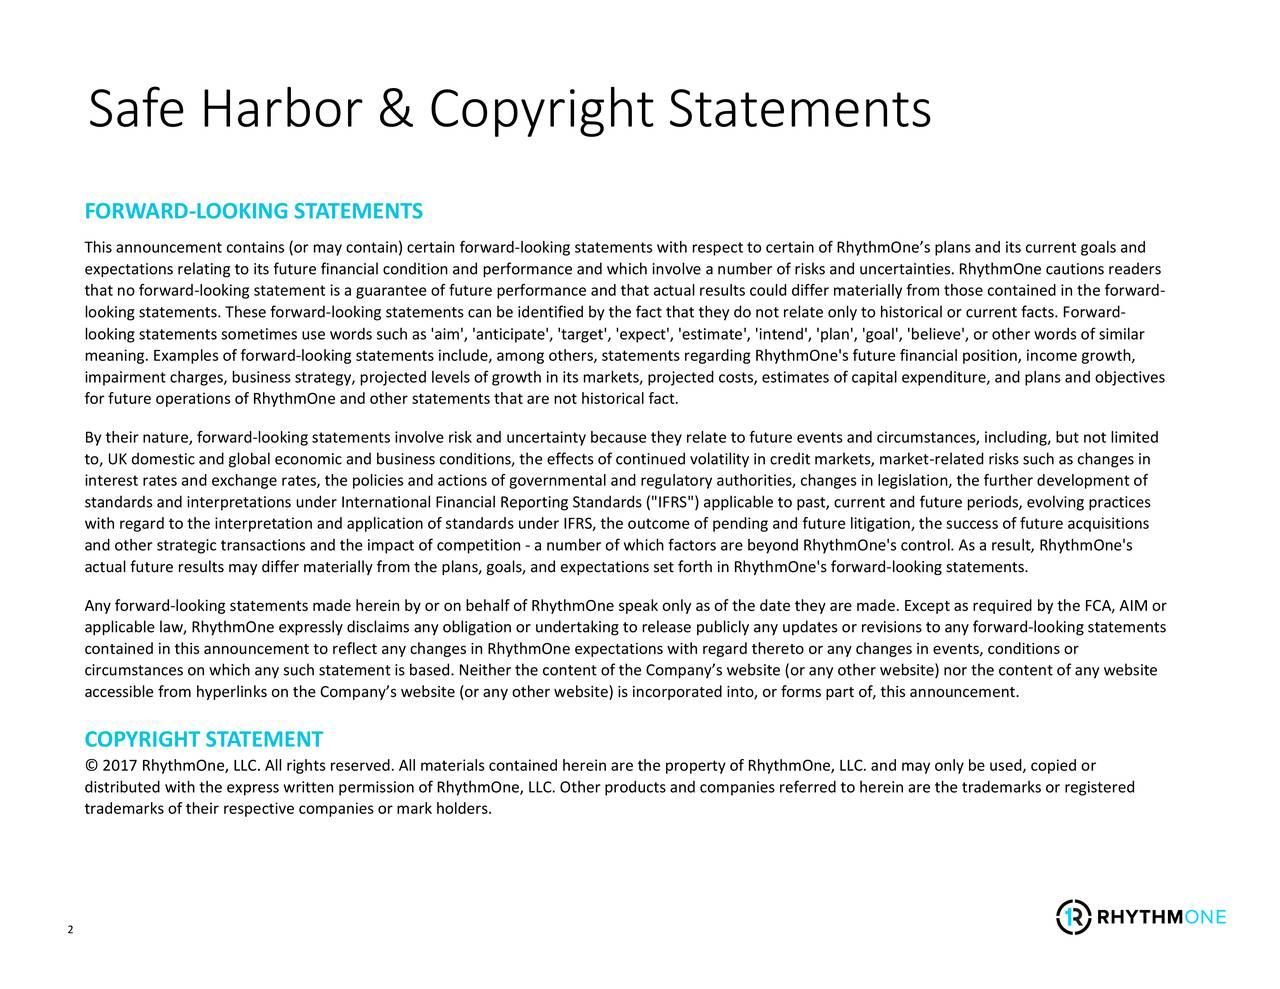 team artsmith copyright statement - HD1280×989